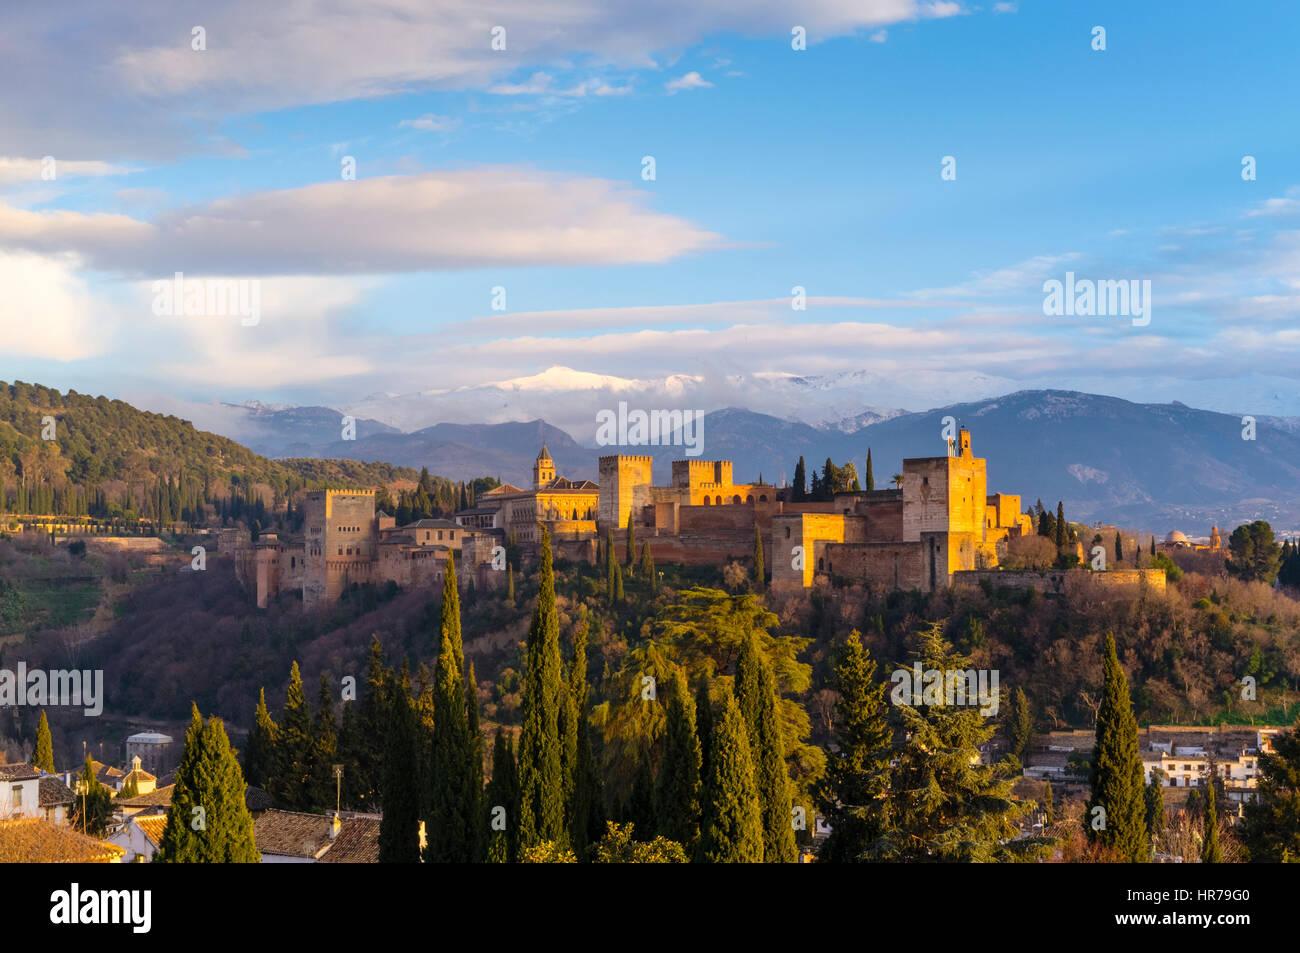 Palacio de la Alhambra al atardecer con nevadas montañas de Sierra Nevada en el fondo. Granada, Andalucía, Imagen De Stock